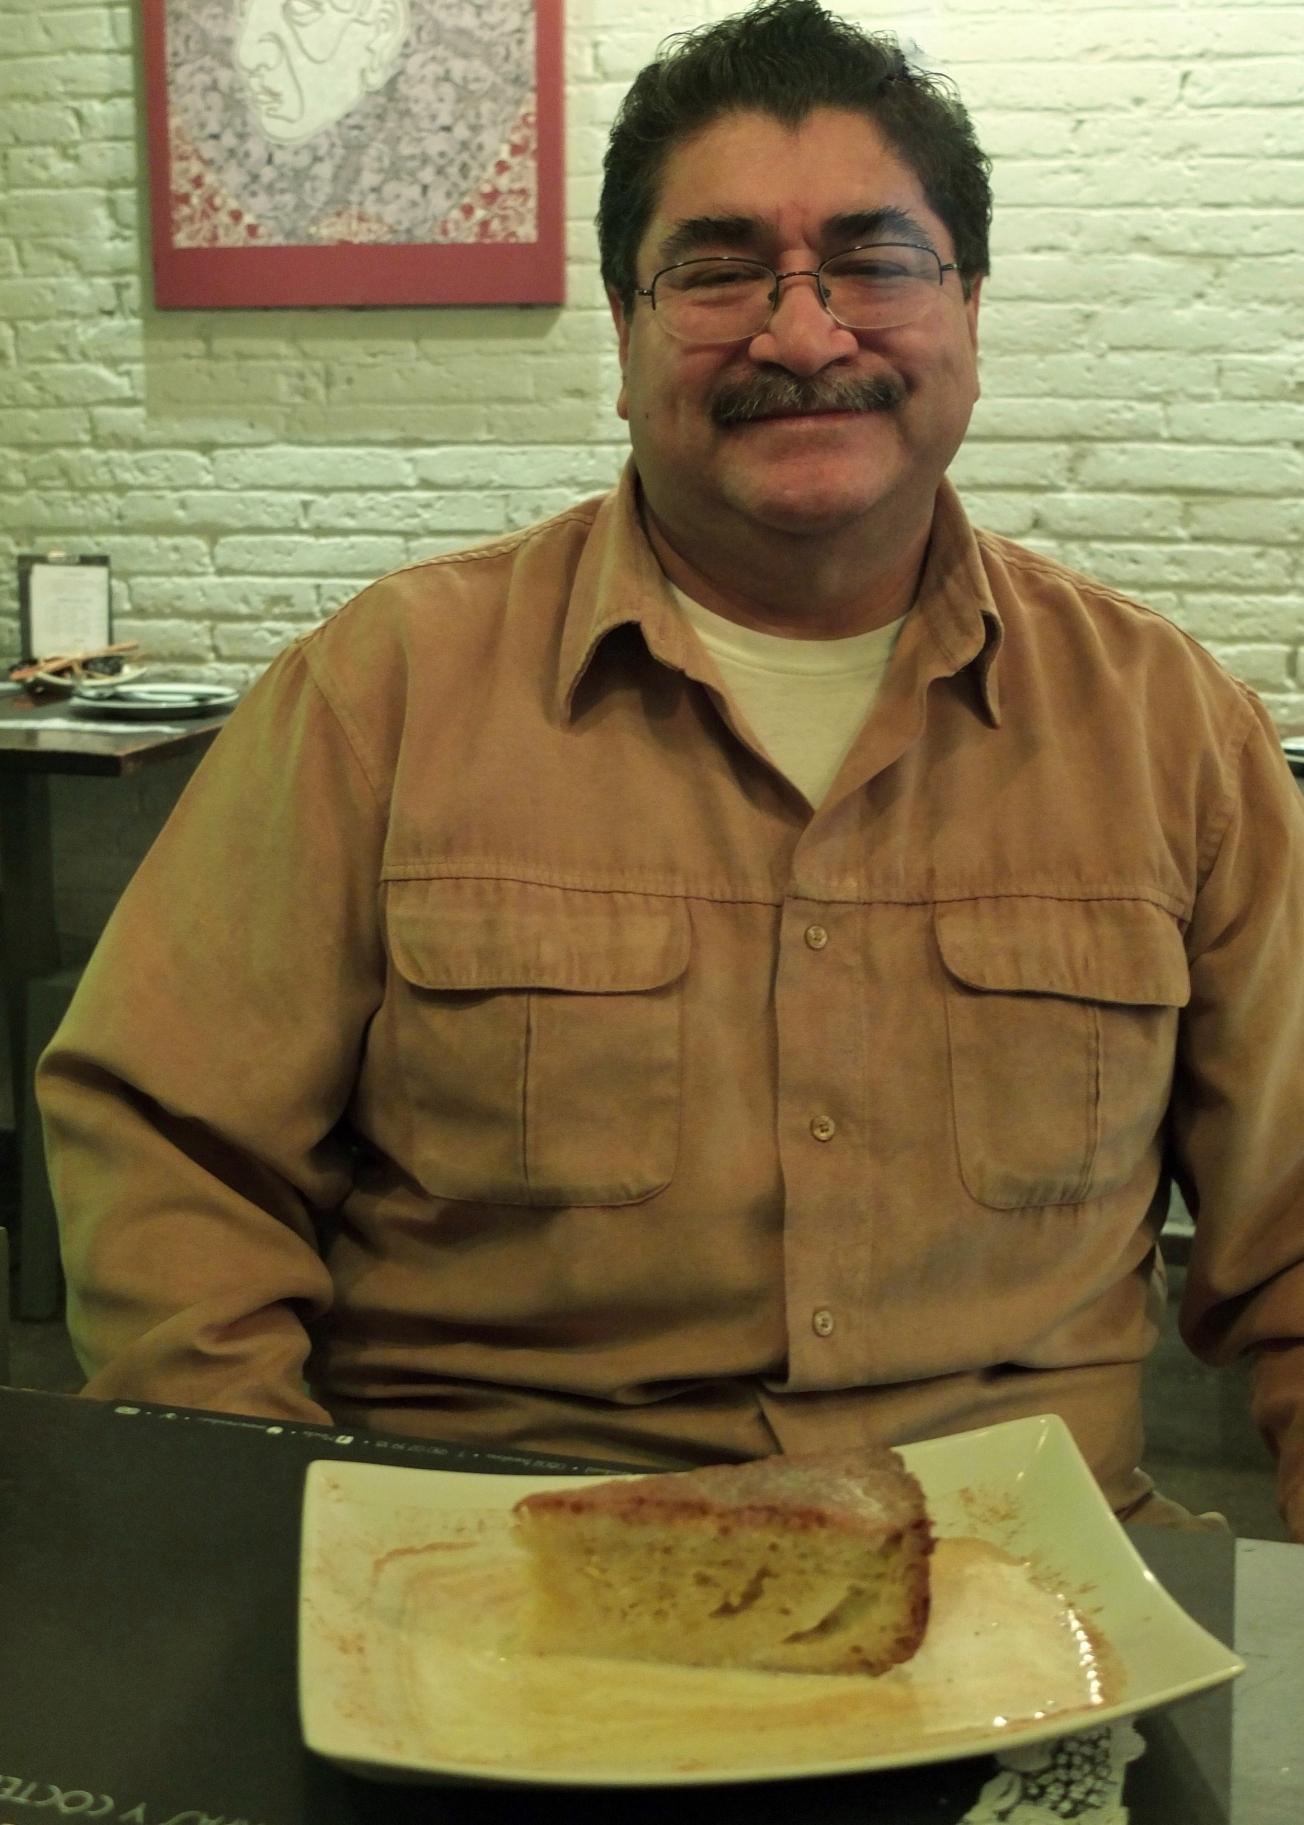 Chef Rubén Boldo and his Tres Leches cake